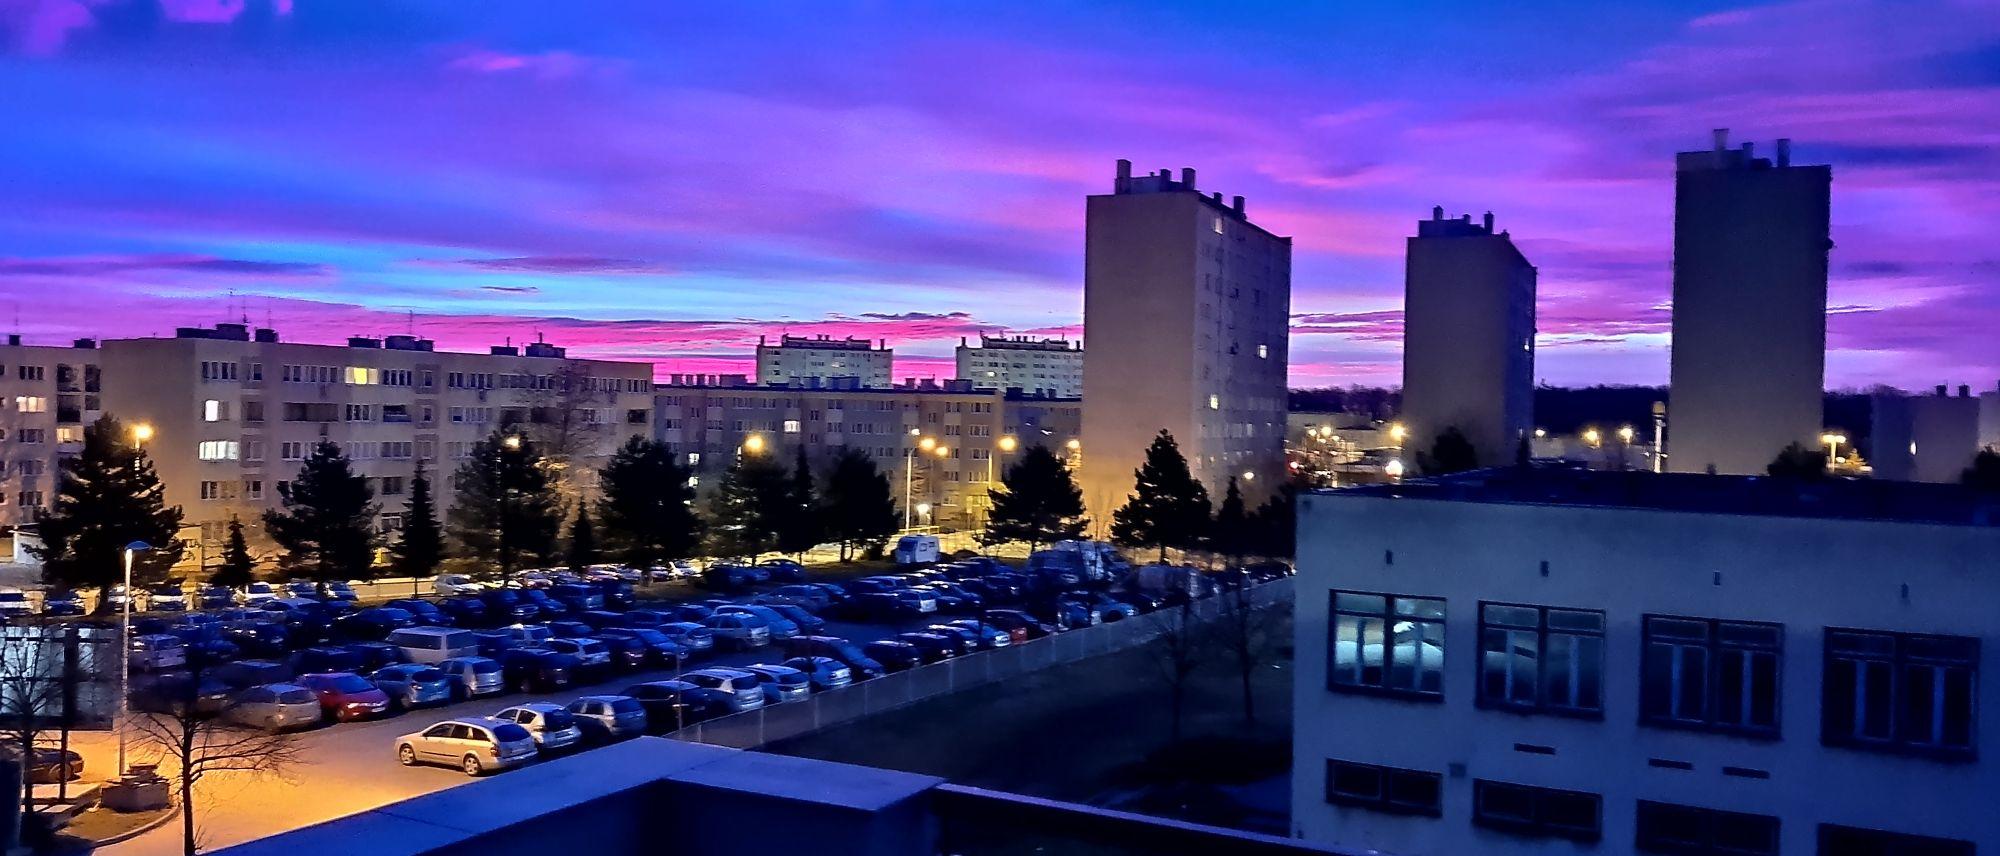 Wschód słońca nad Osiedlem Młodych,16 luty 2020, fot. Tomasz Modrzejewski